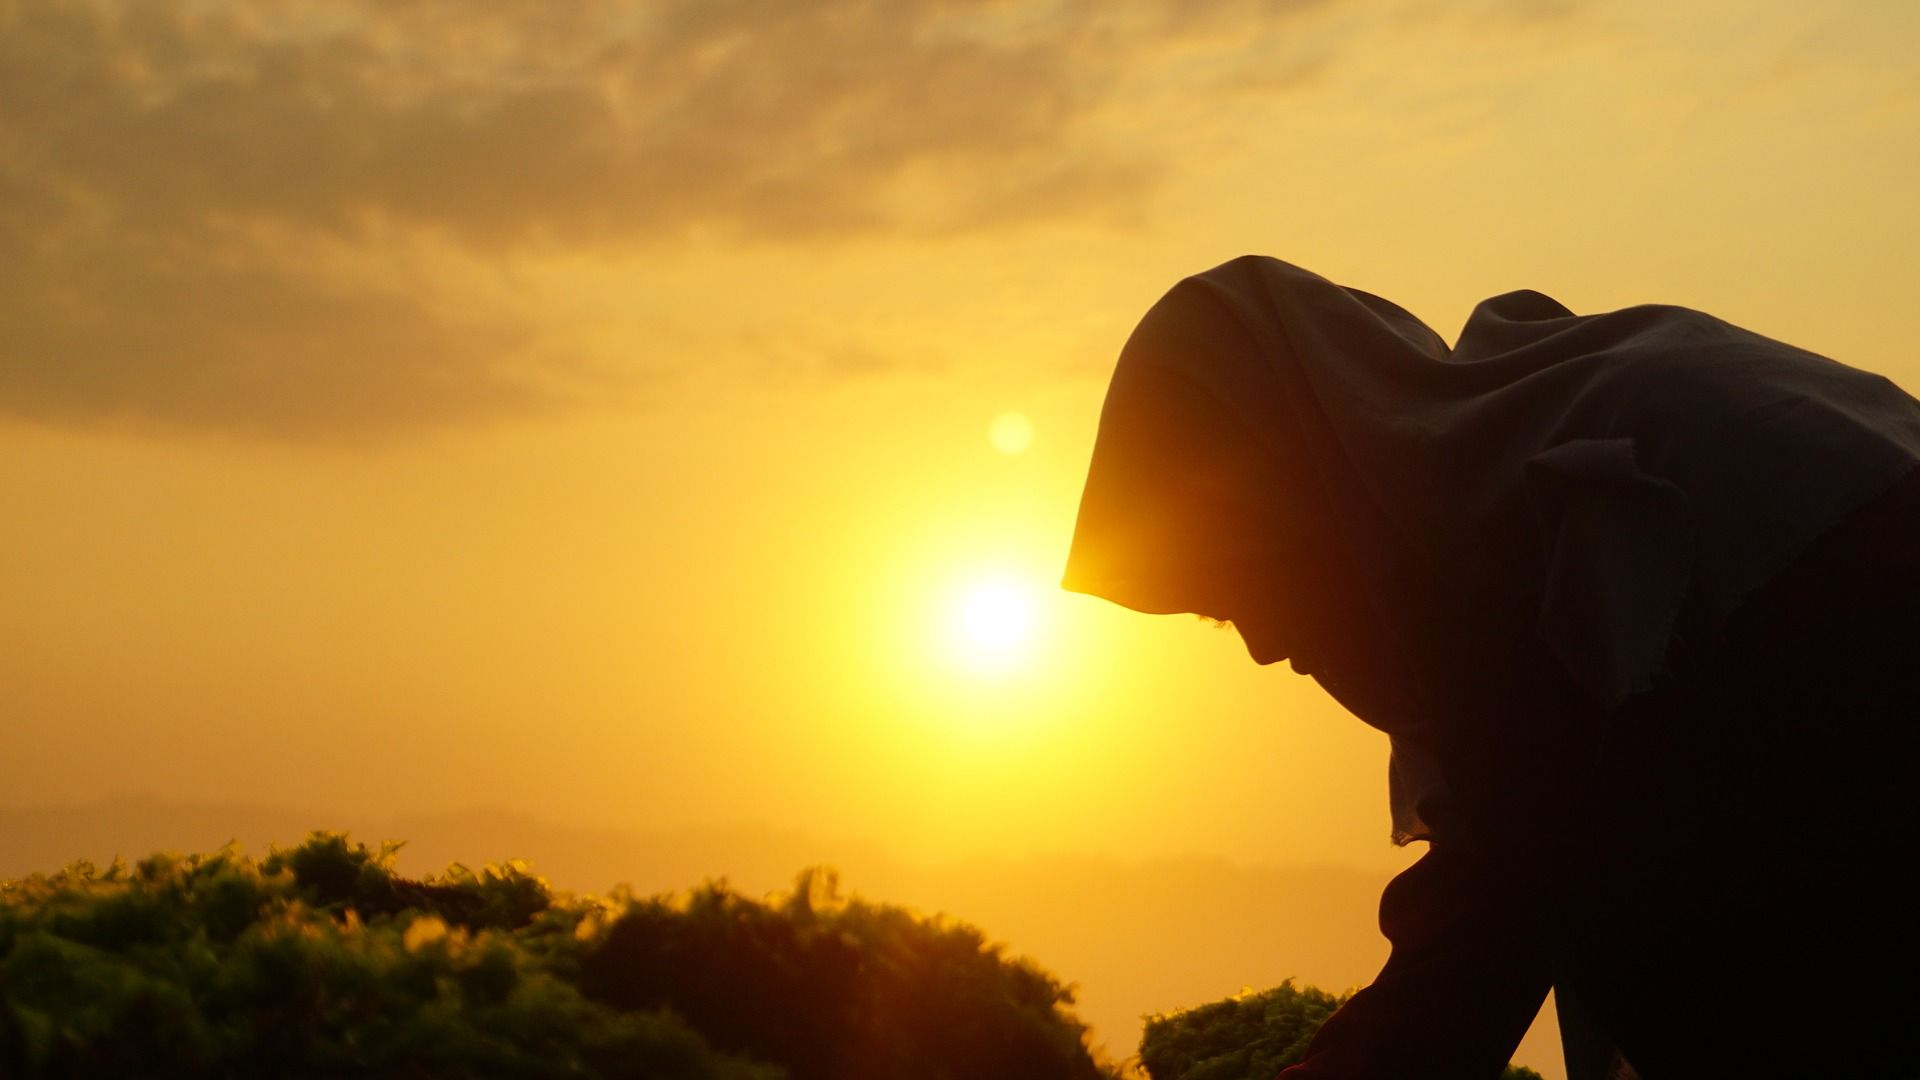 Ilustrasi Seorang Wanita Dengan Hijab Saat Matahari Terbit